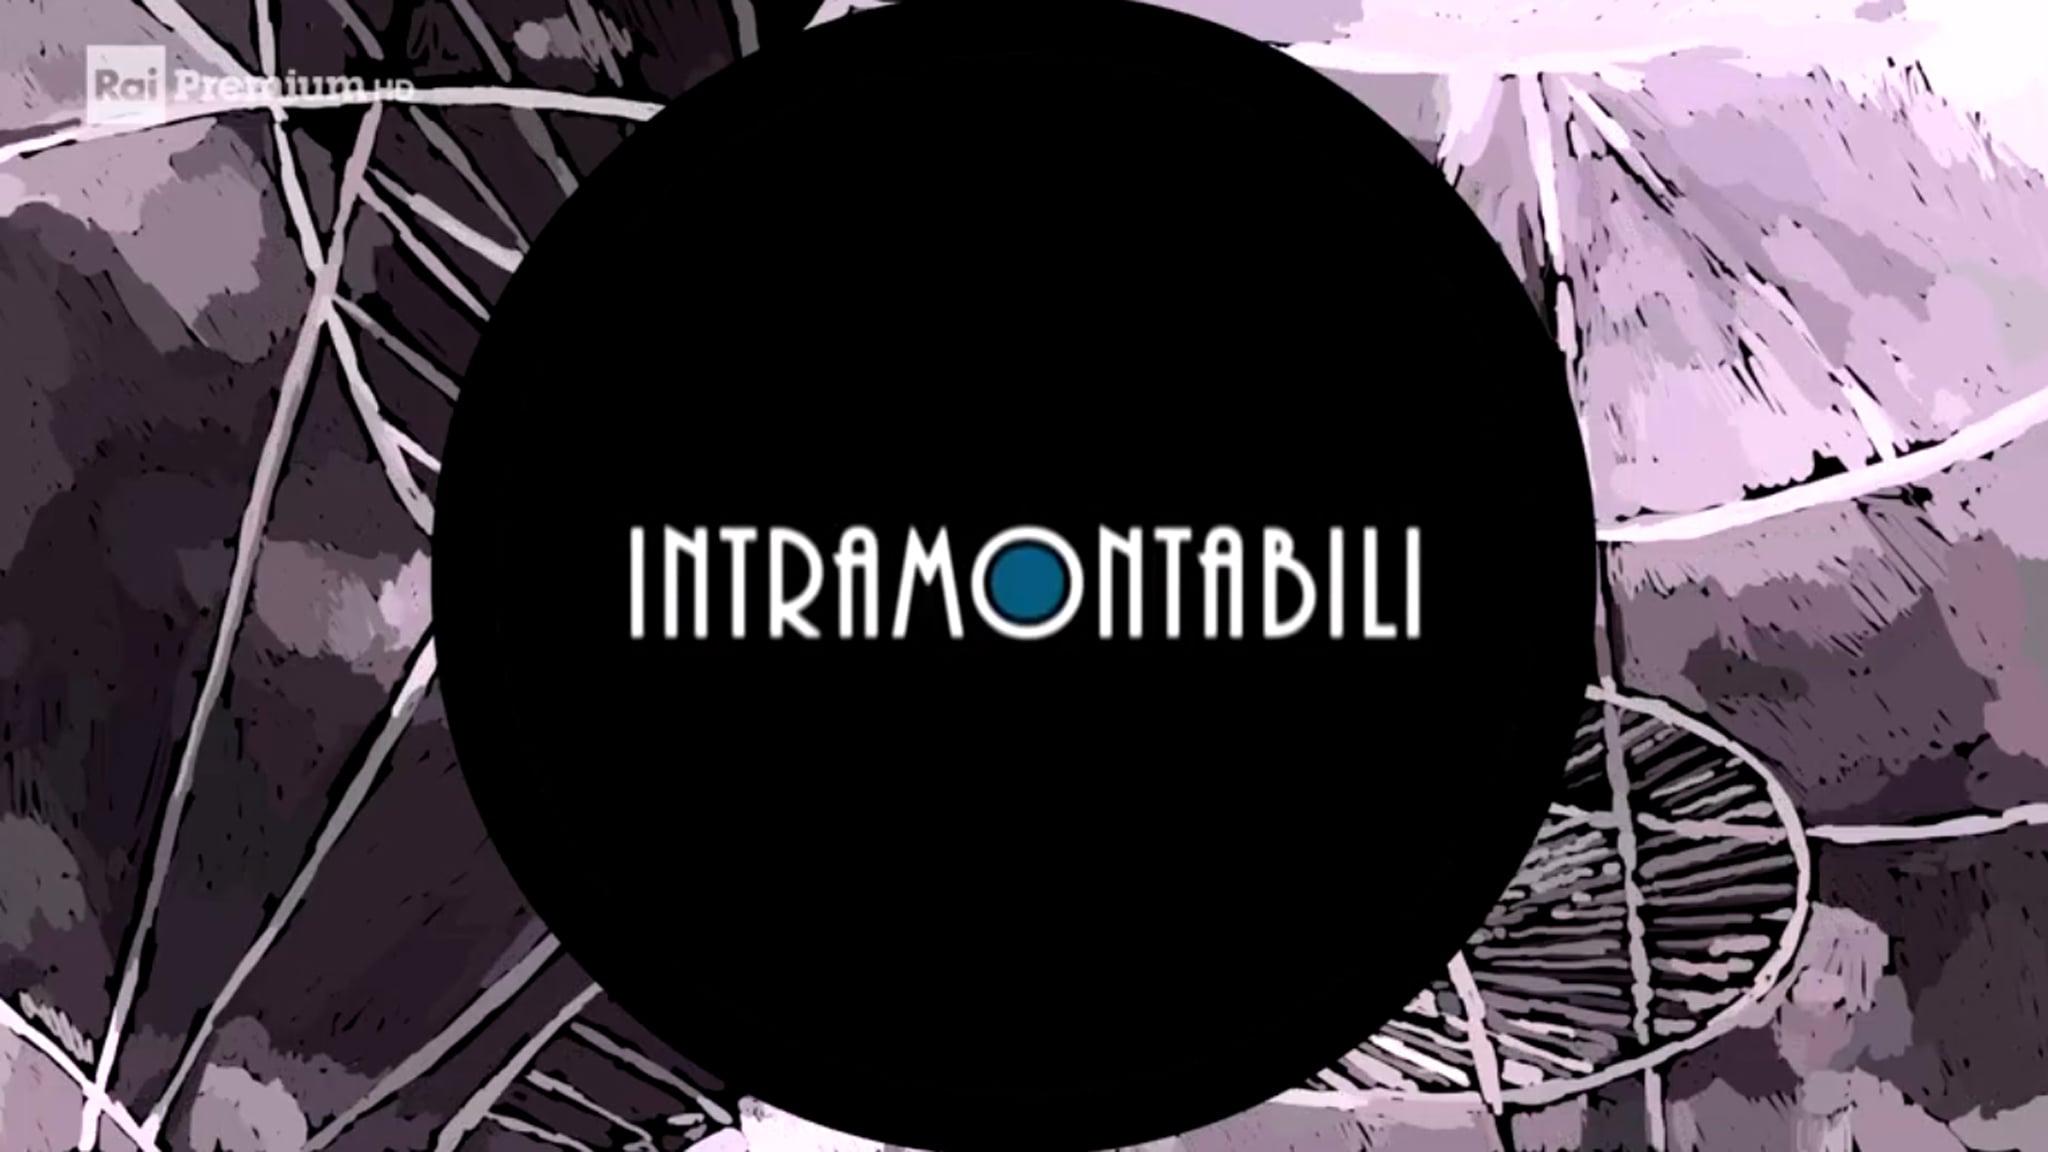 Rai Premium Intramontabili - p.4